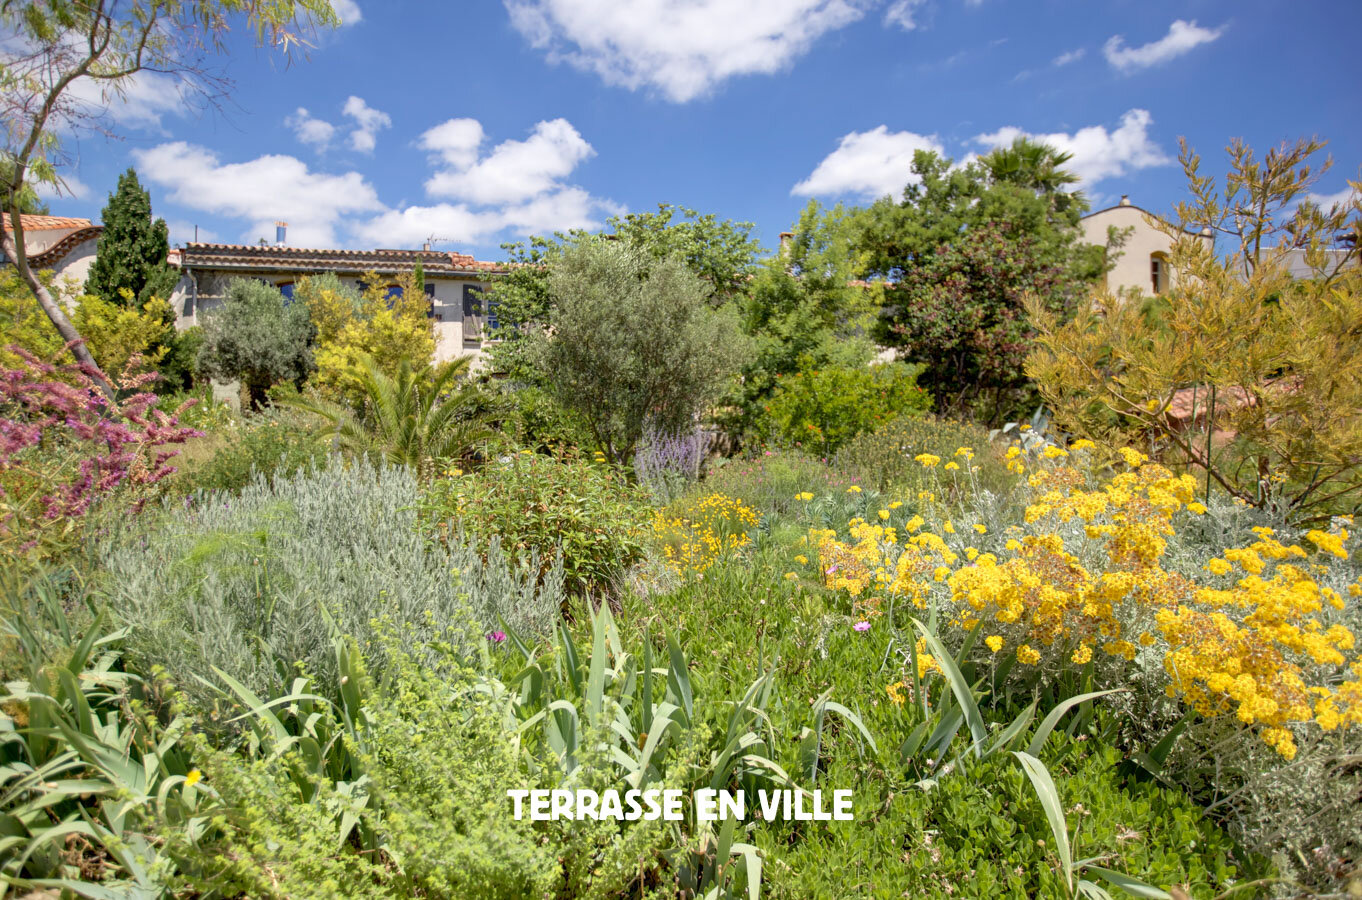 TERRASSE EN VILLE-14.jpg